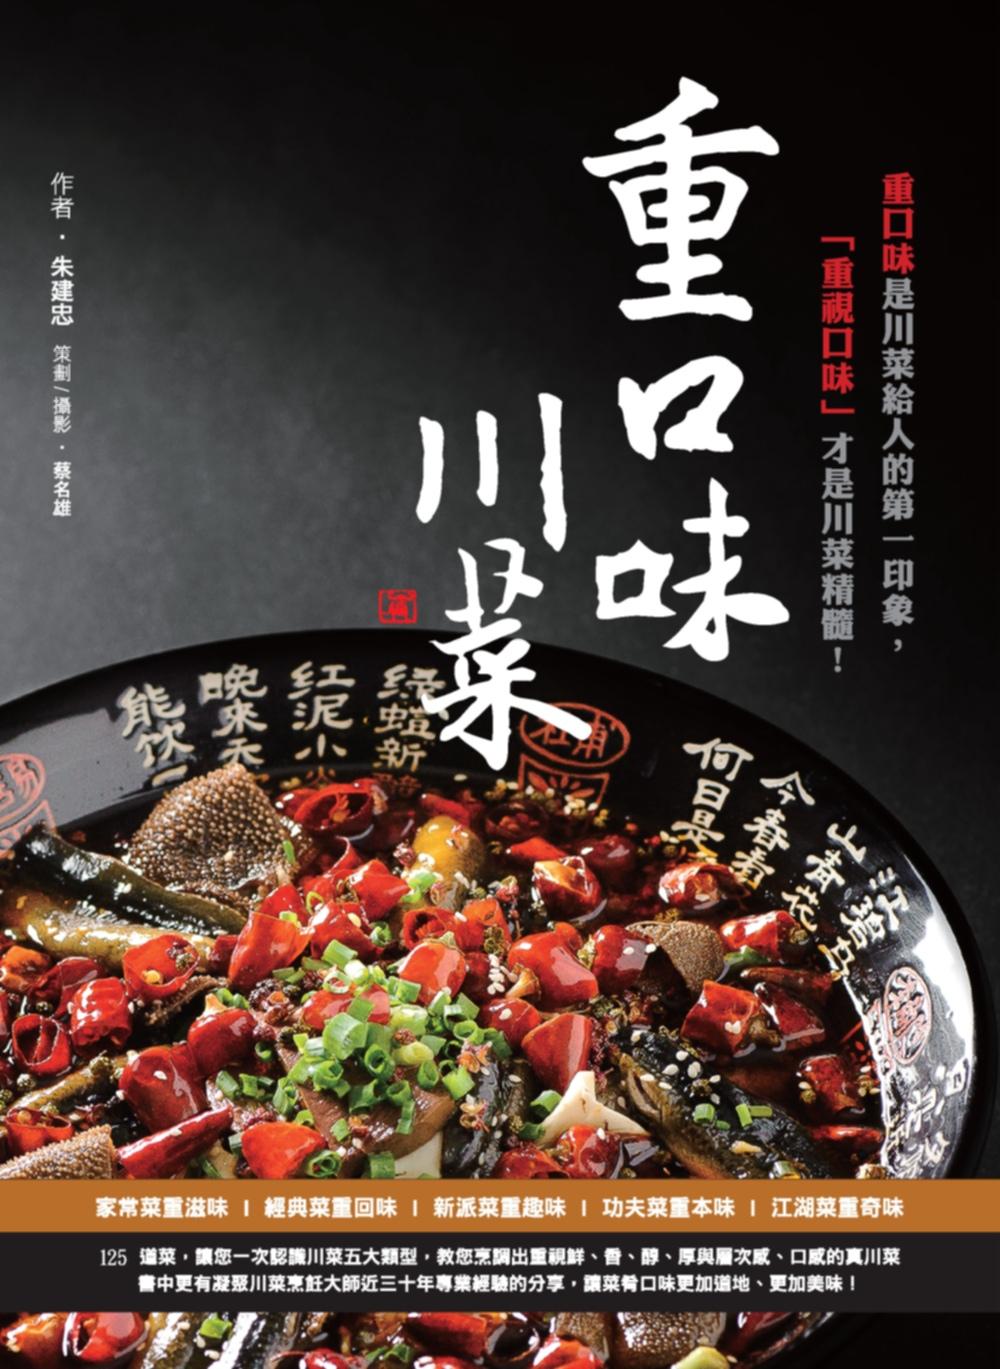 重口味川菜:重口味是川菜給人的第一印象,「重視口味」才是川菜精髓!